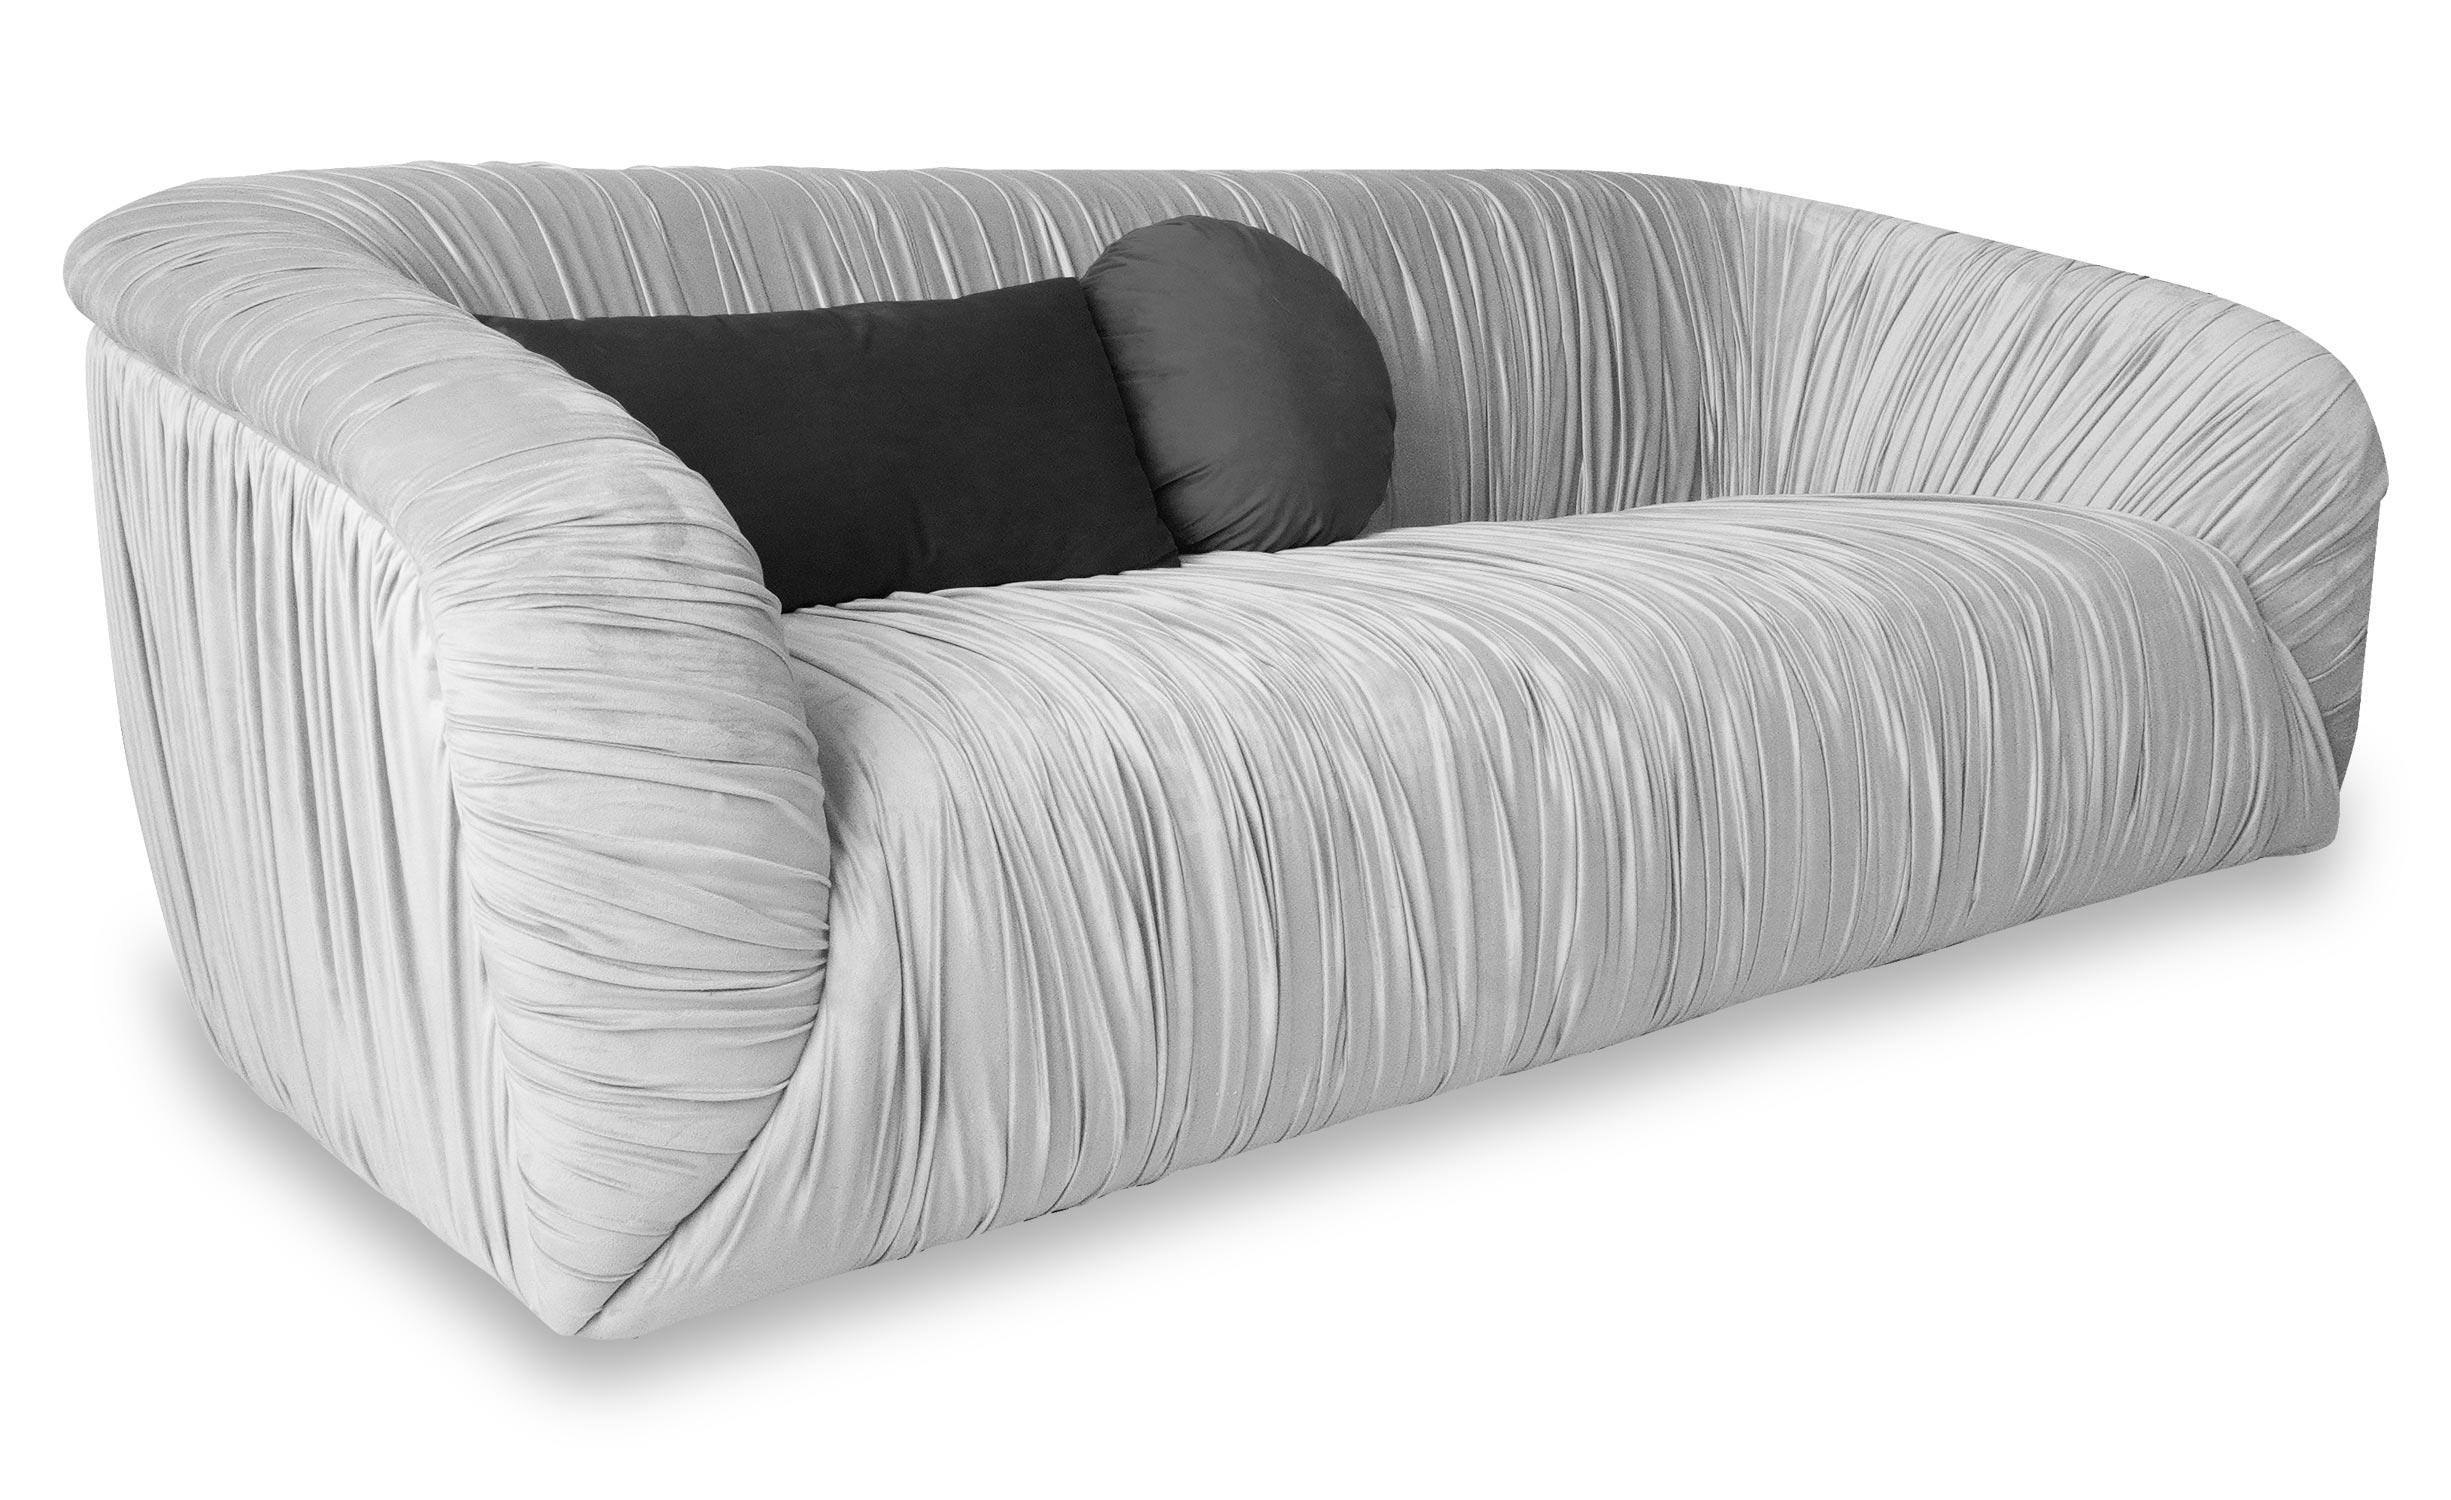 Fayette 3-Sitzer Sofa mit Samtbezug Silber